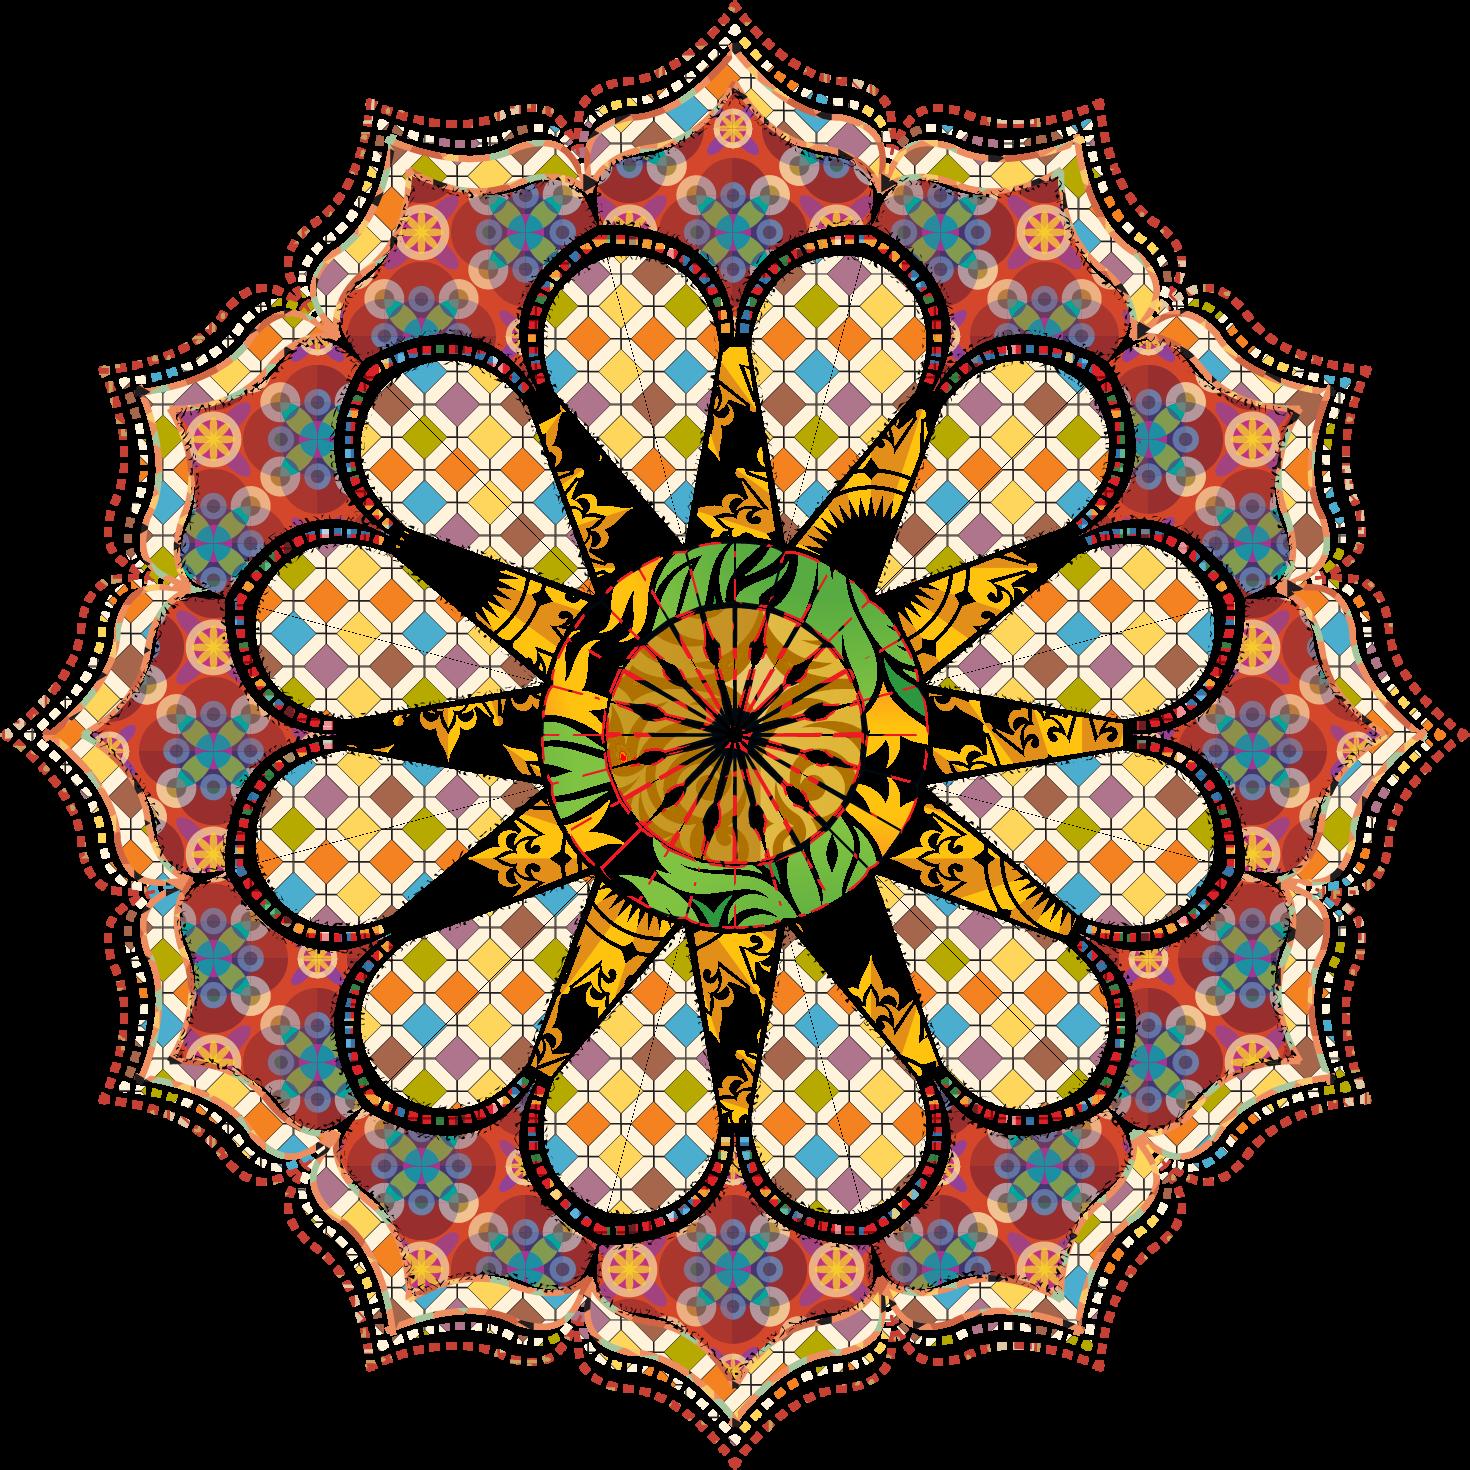 خلفيات زخارف اسلامية زخرفة اسلامية زخرفة على شكل دائرة